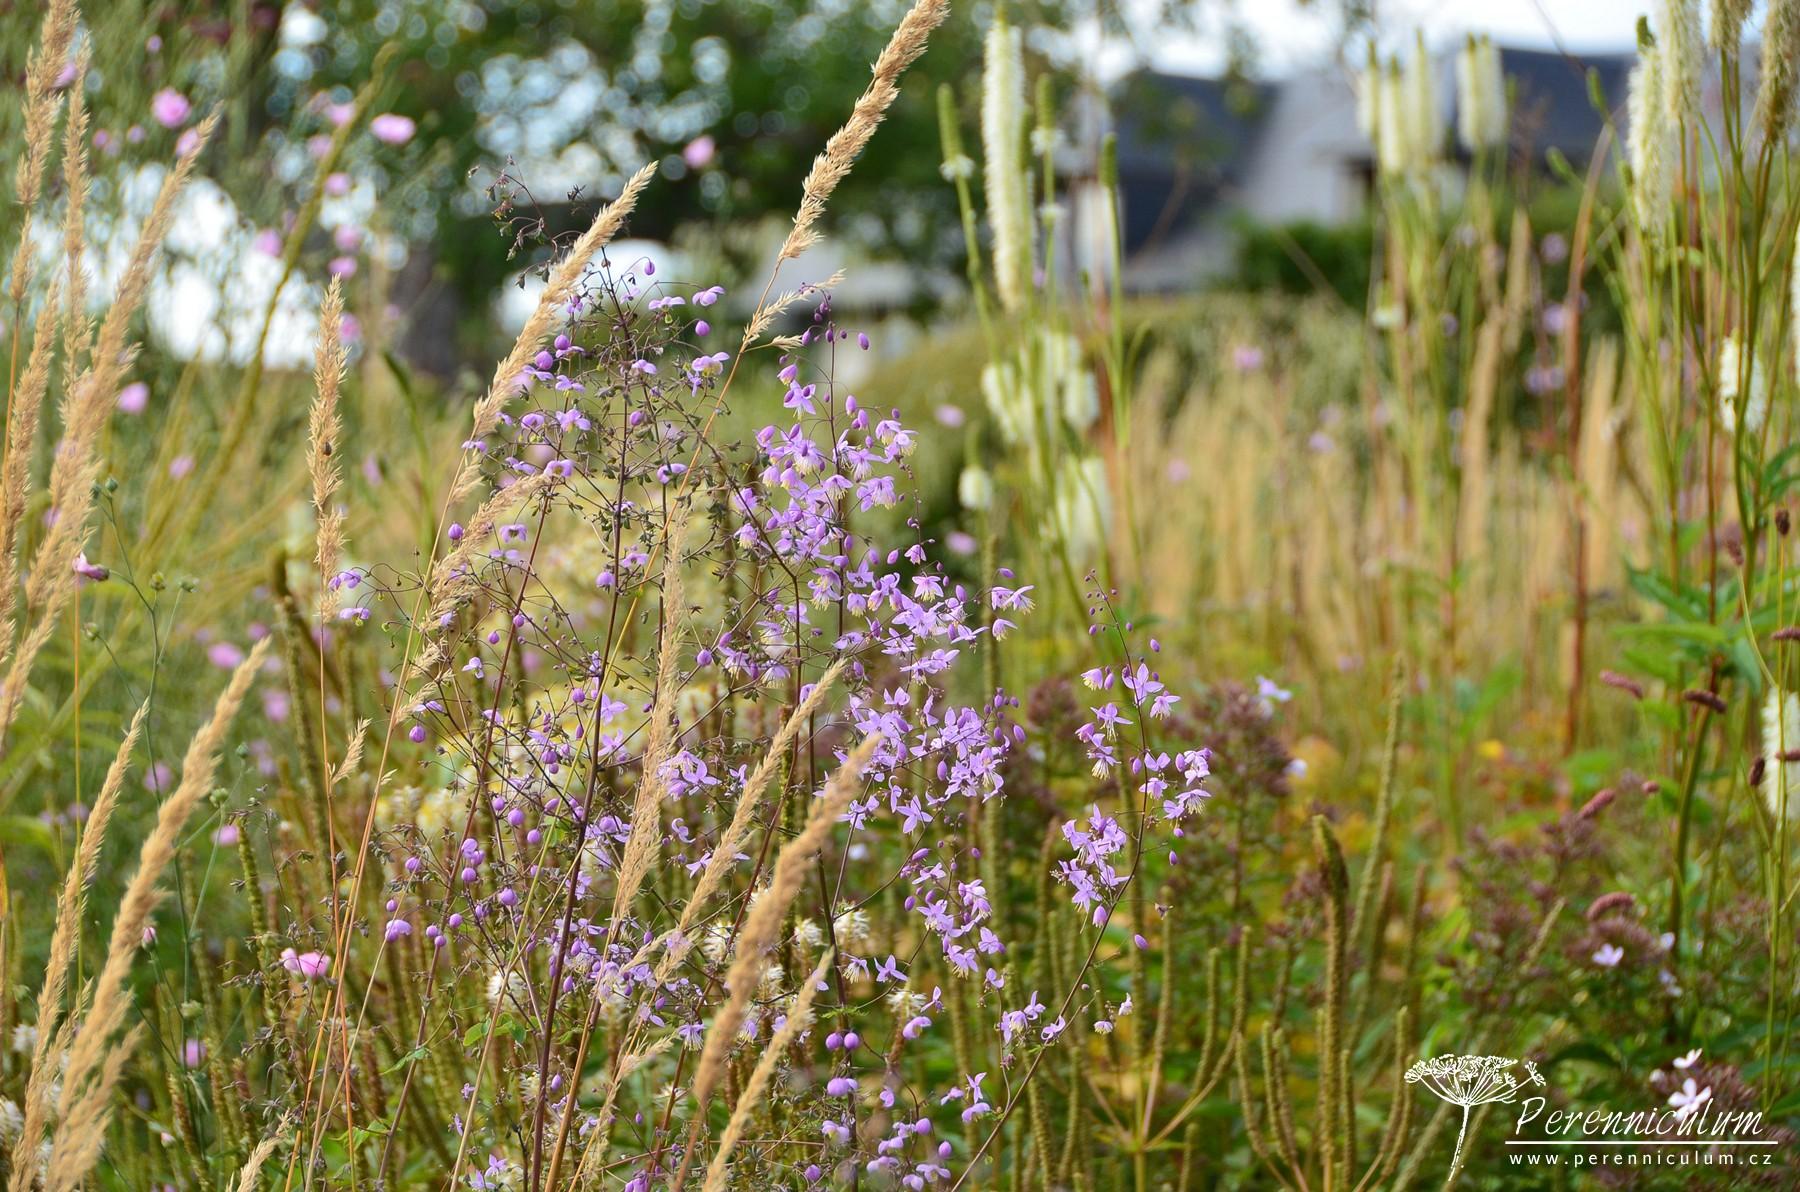 Ve větru se třepotají okrasné trávy, žluťuchy (Thalictrum) a v pozadí krvavce (Sanguisorba) či rozrazilovce (Veronicastrum).